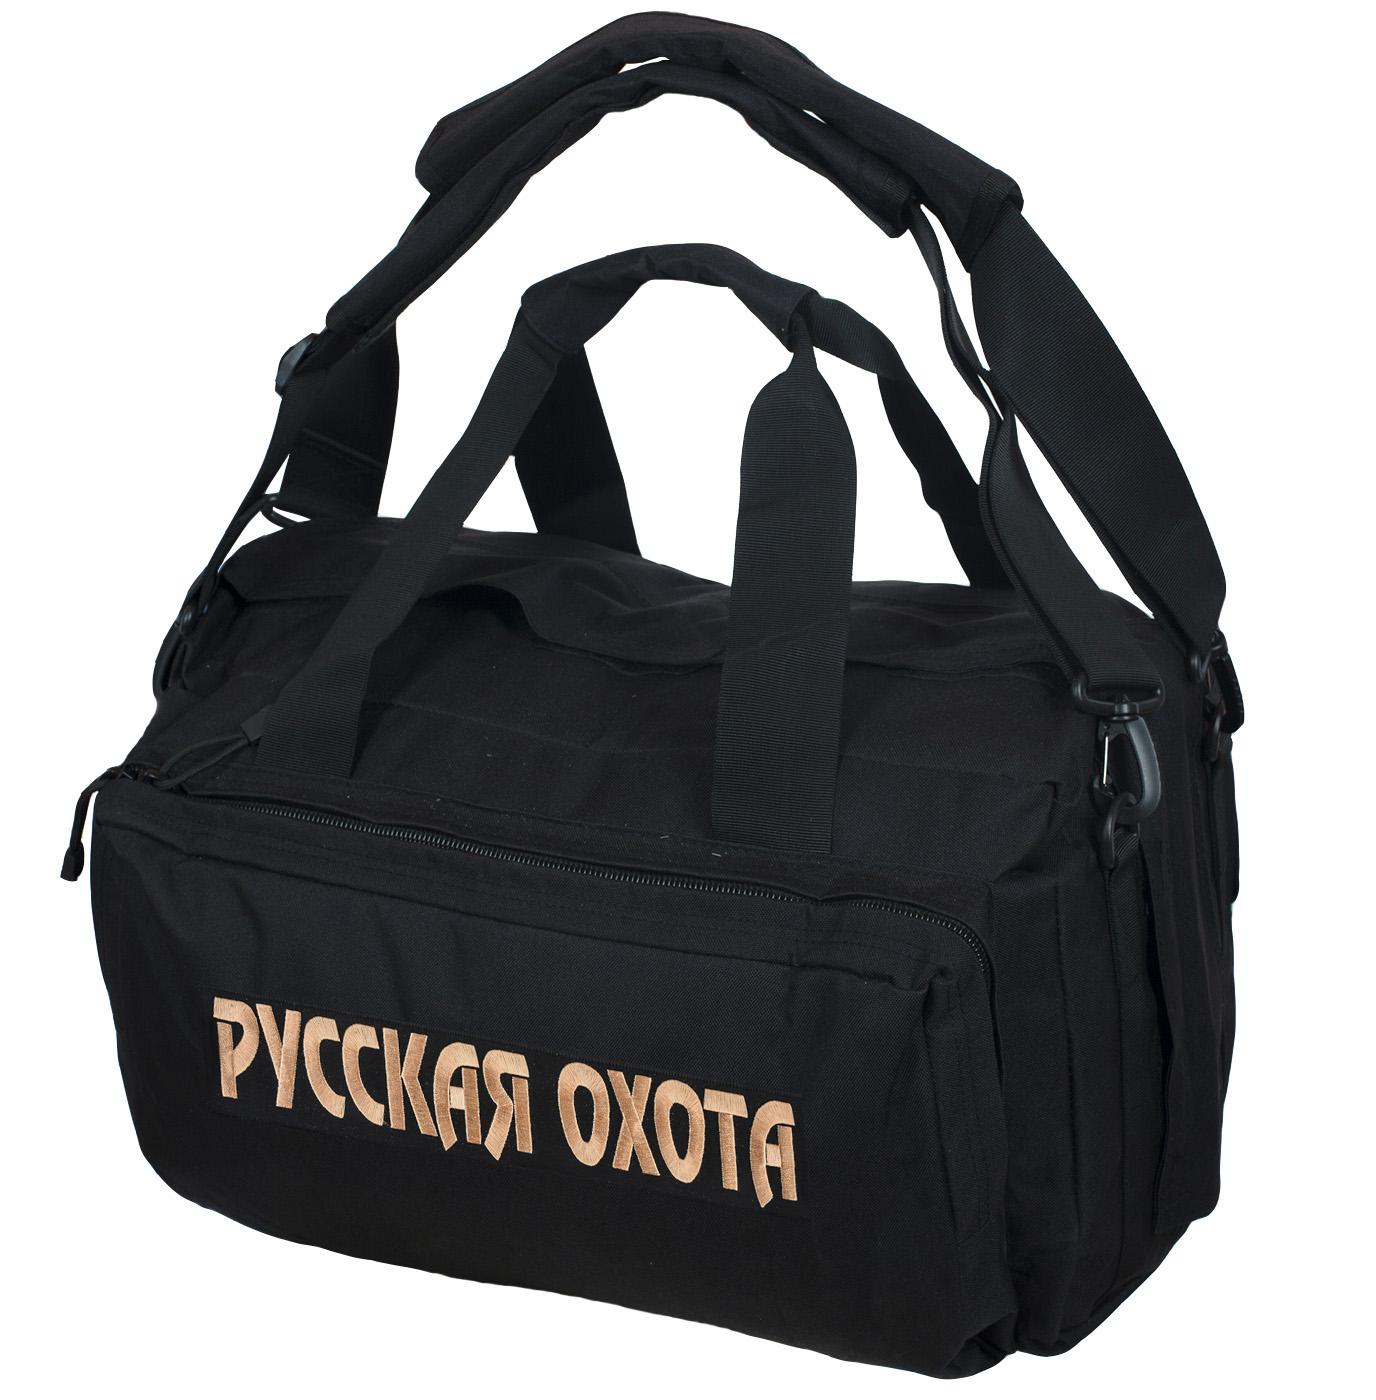 Тактическая надежная сумка-баул Русская Охота - купить онлайн